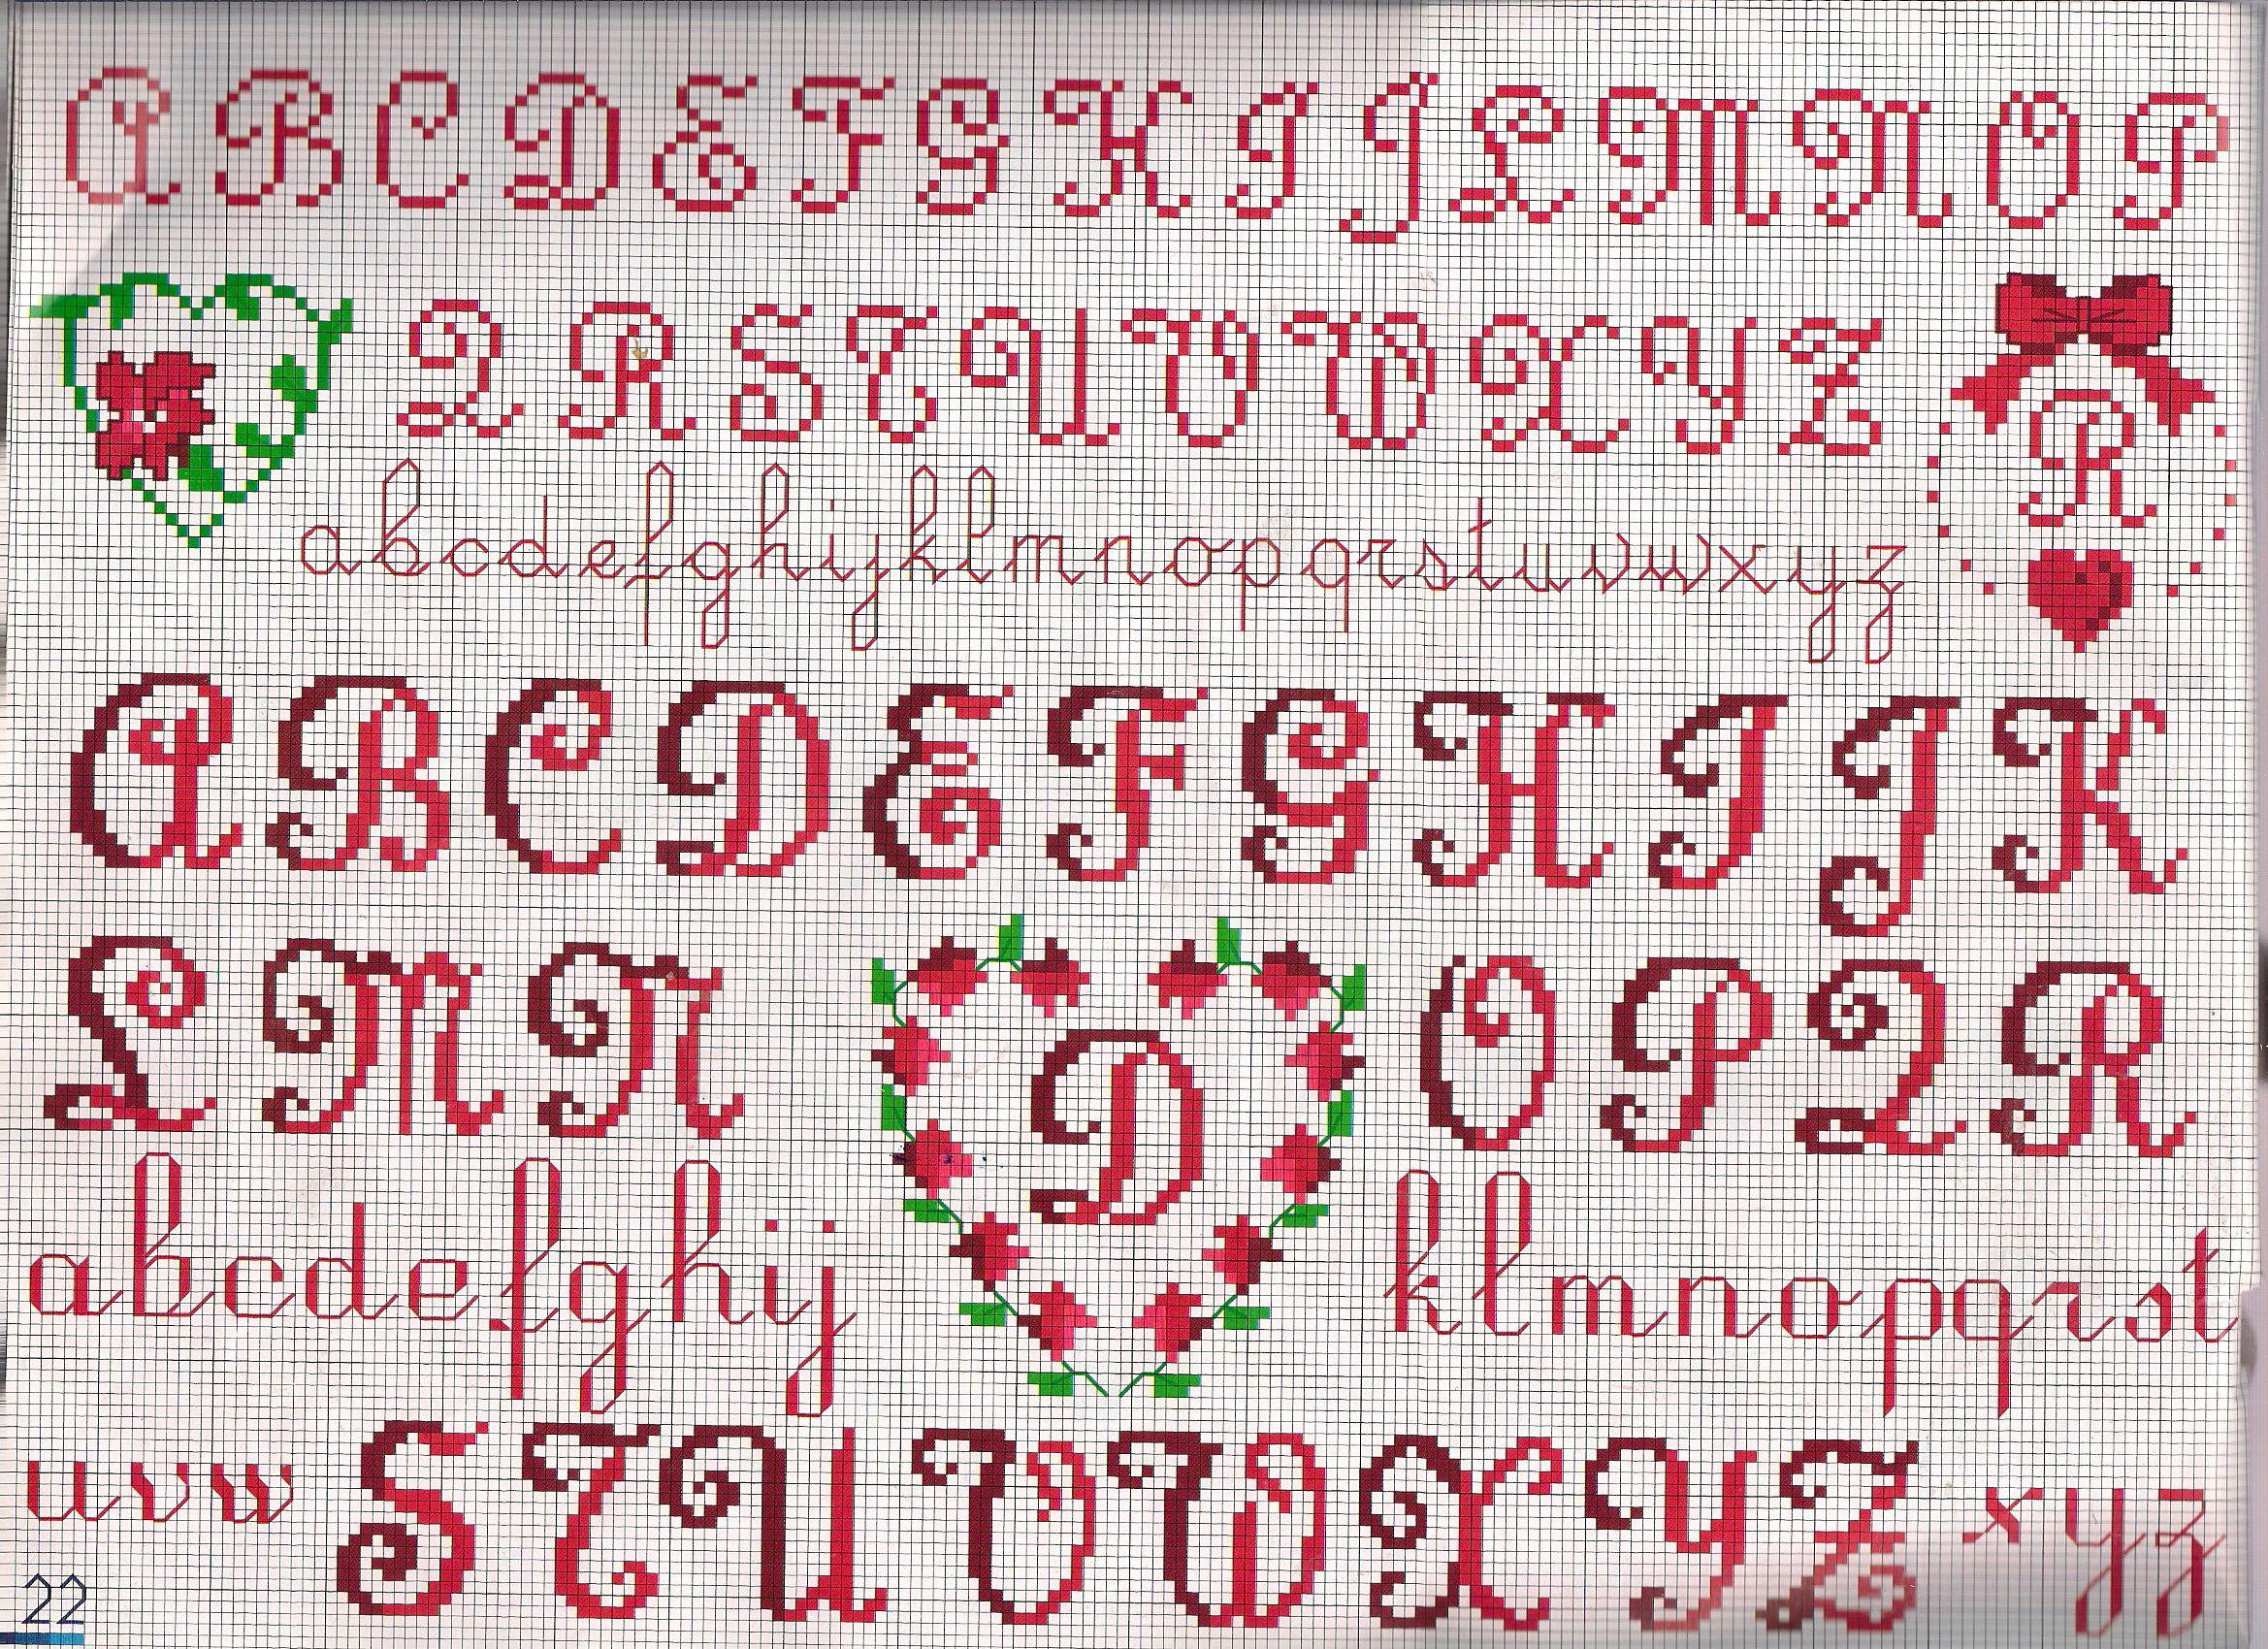 Alfabeto cuore punto croce uncinetto for Punto croce schemi alfabeto